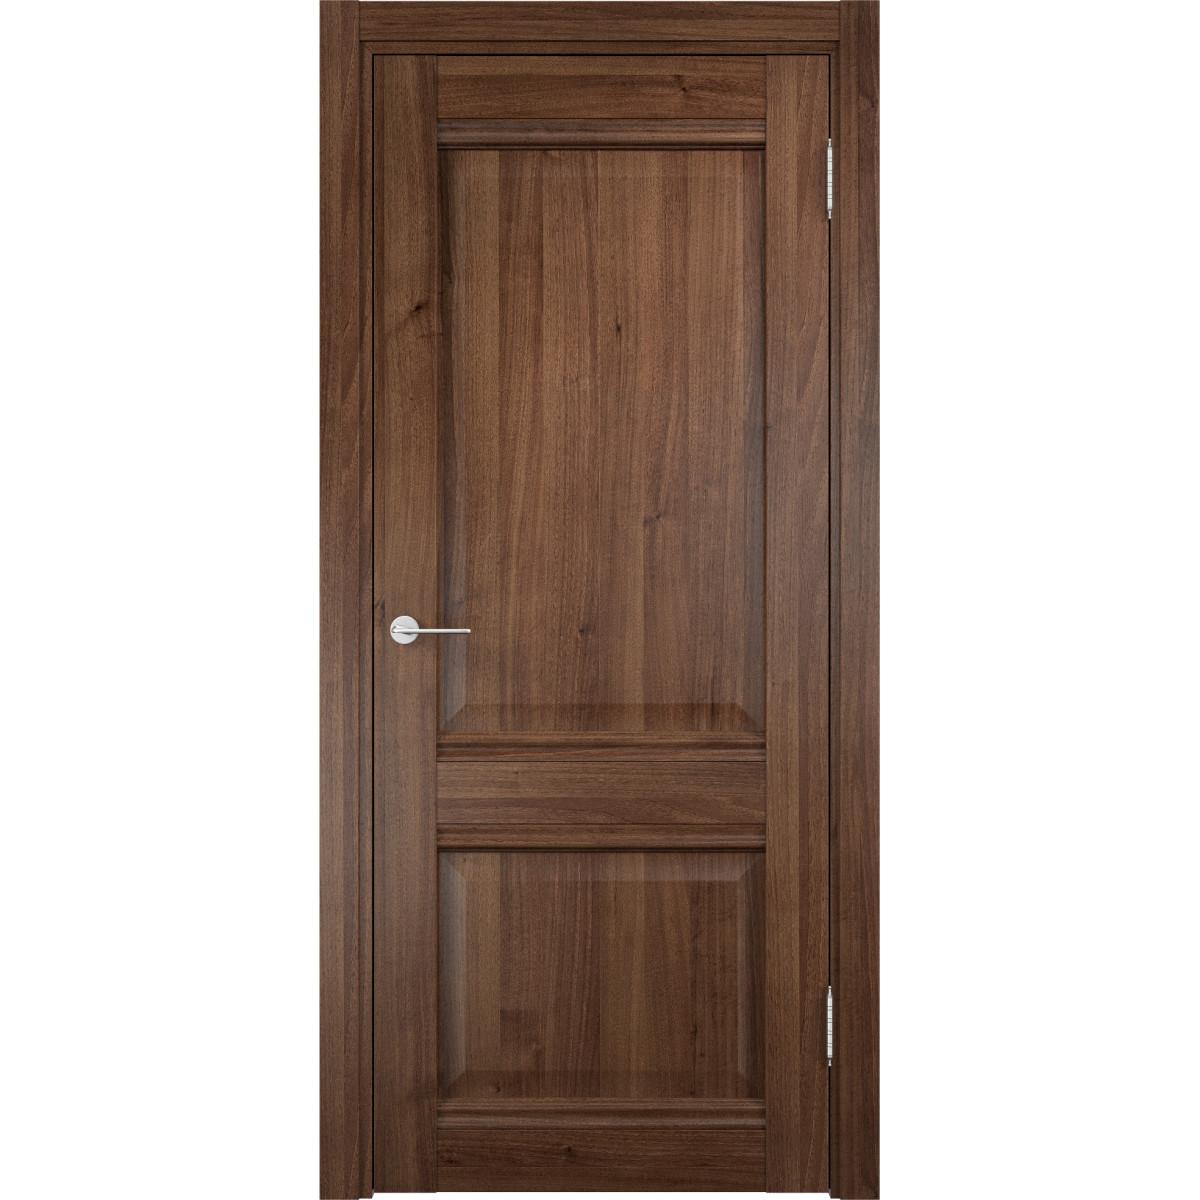 Дверное полотно Casaporte Милан МП_0173 2000х700х44 мм МДФ